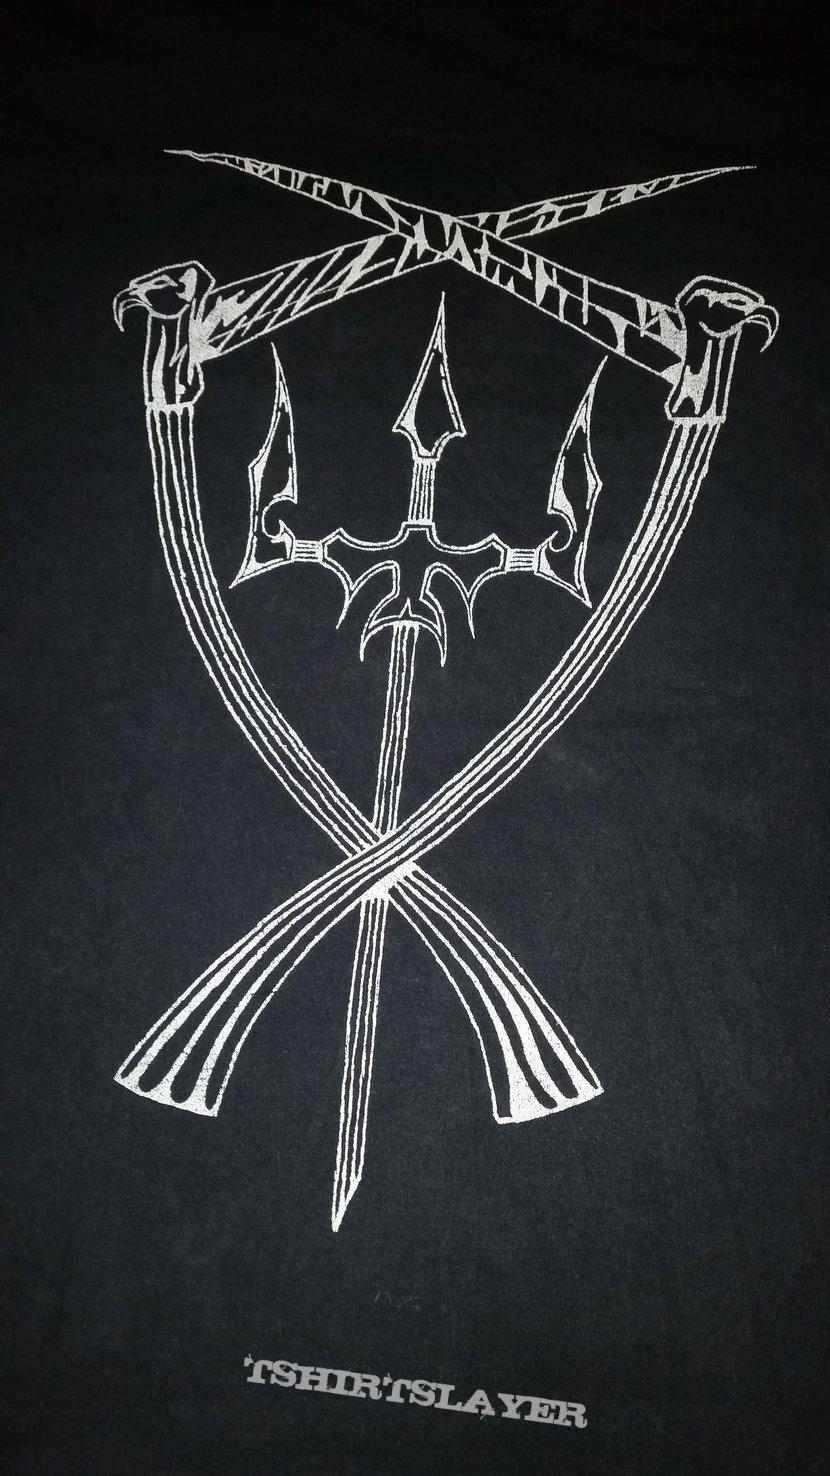 Naglfar - Vittra